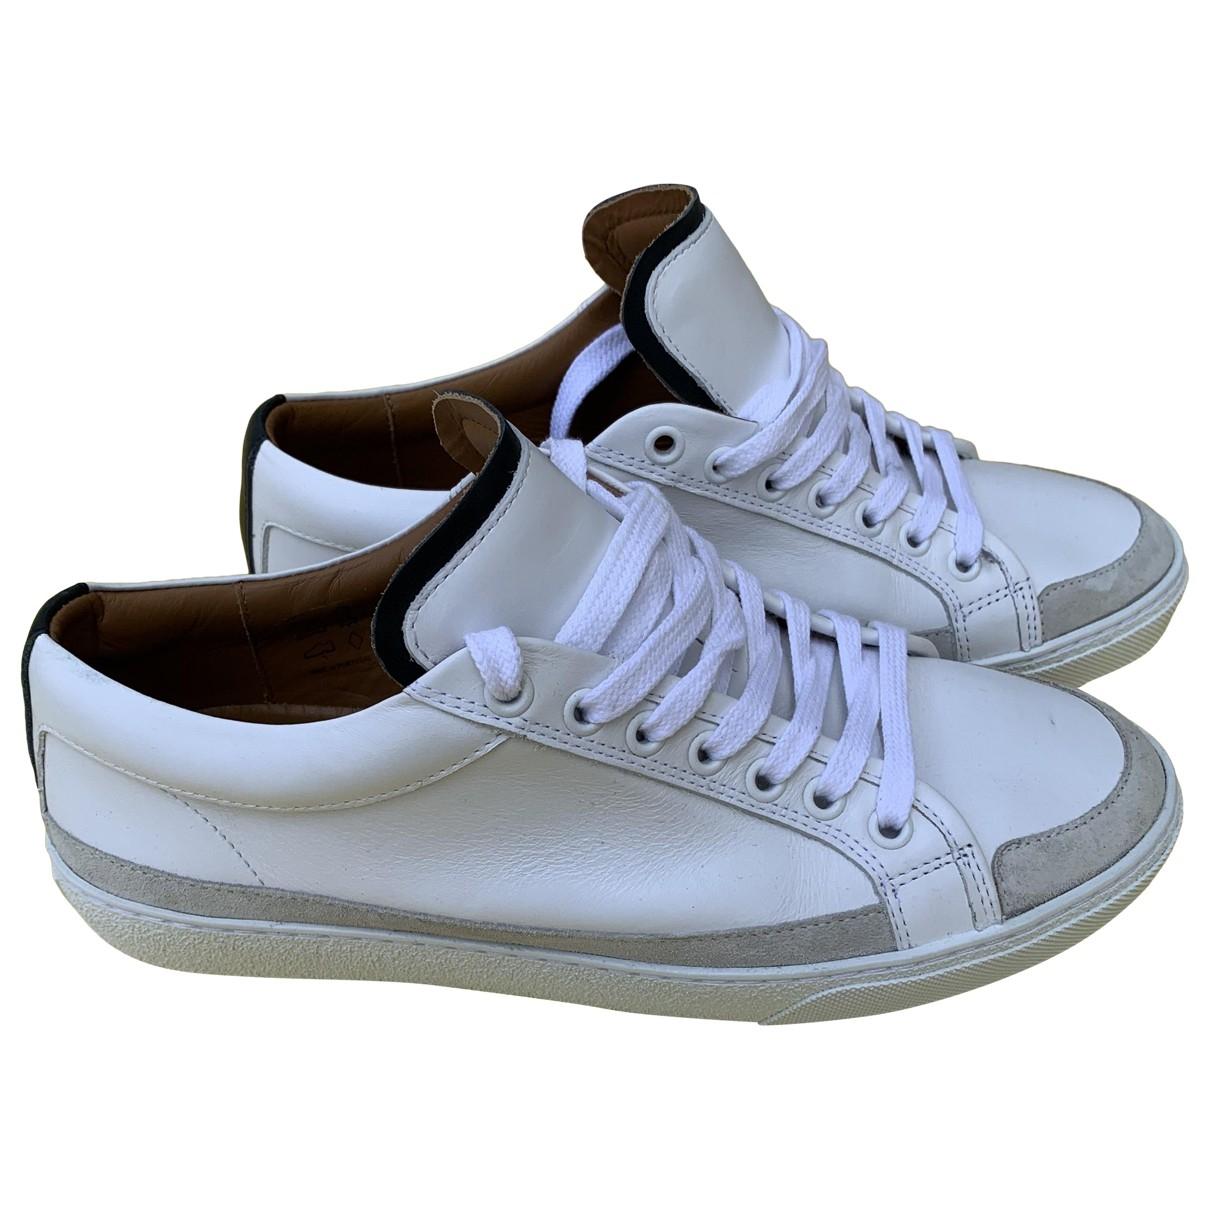 Balibaris - Baskets   pour homme en cuir - blanc